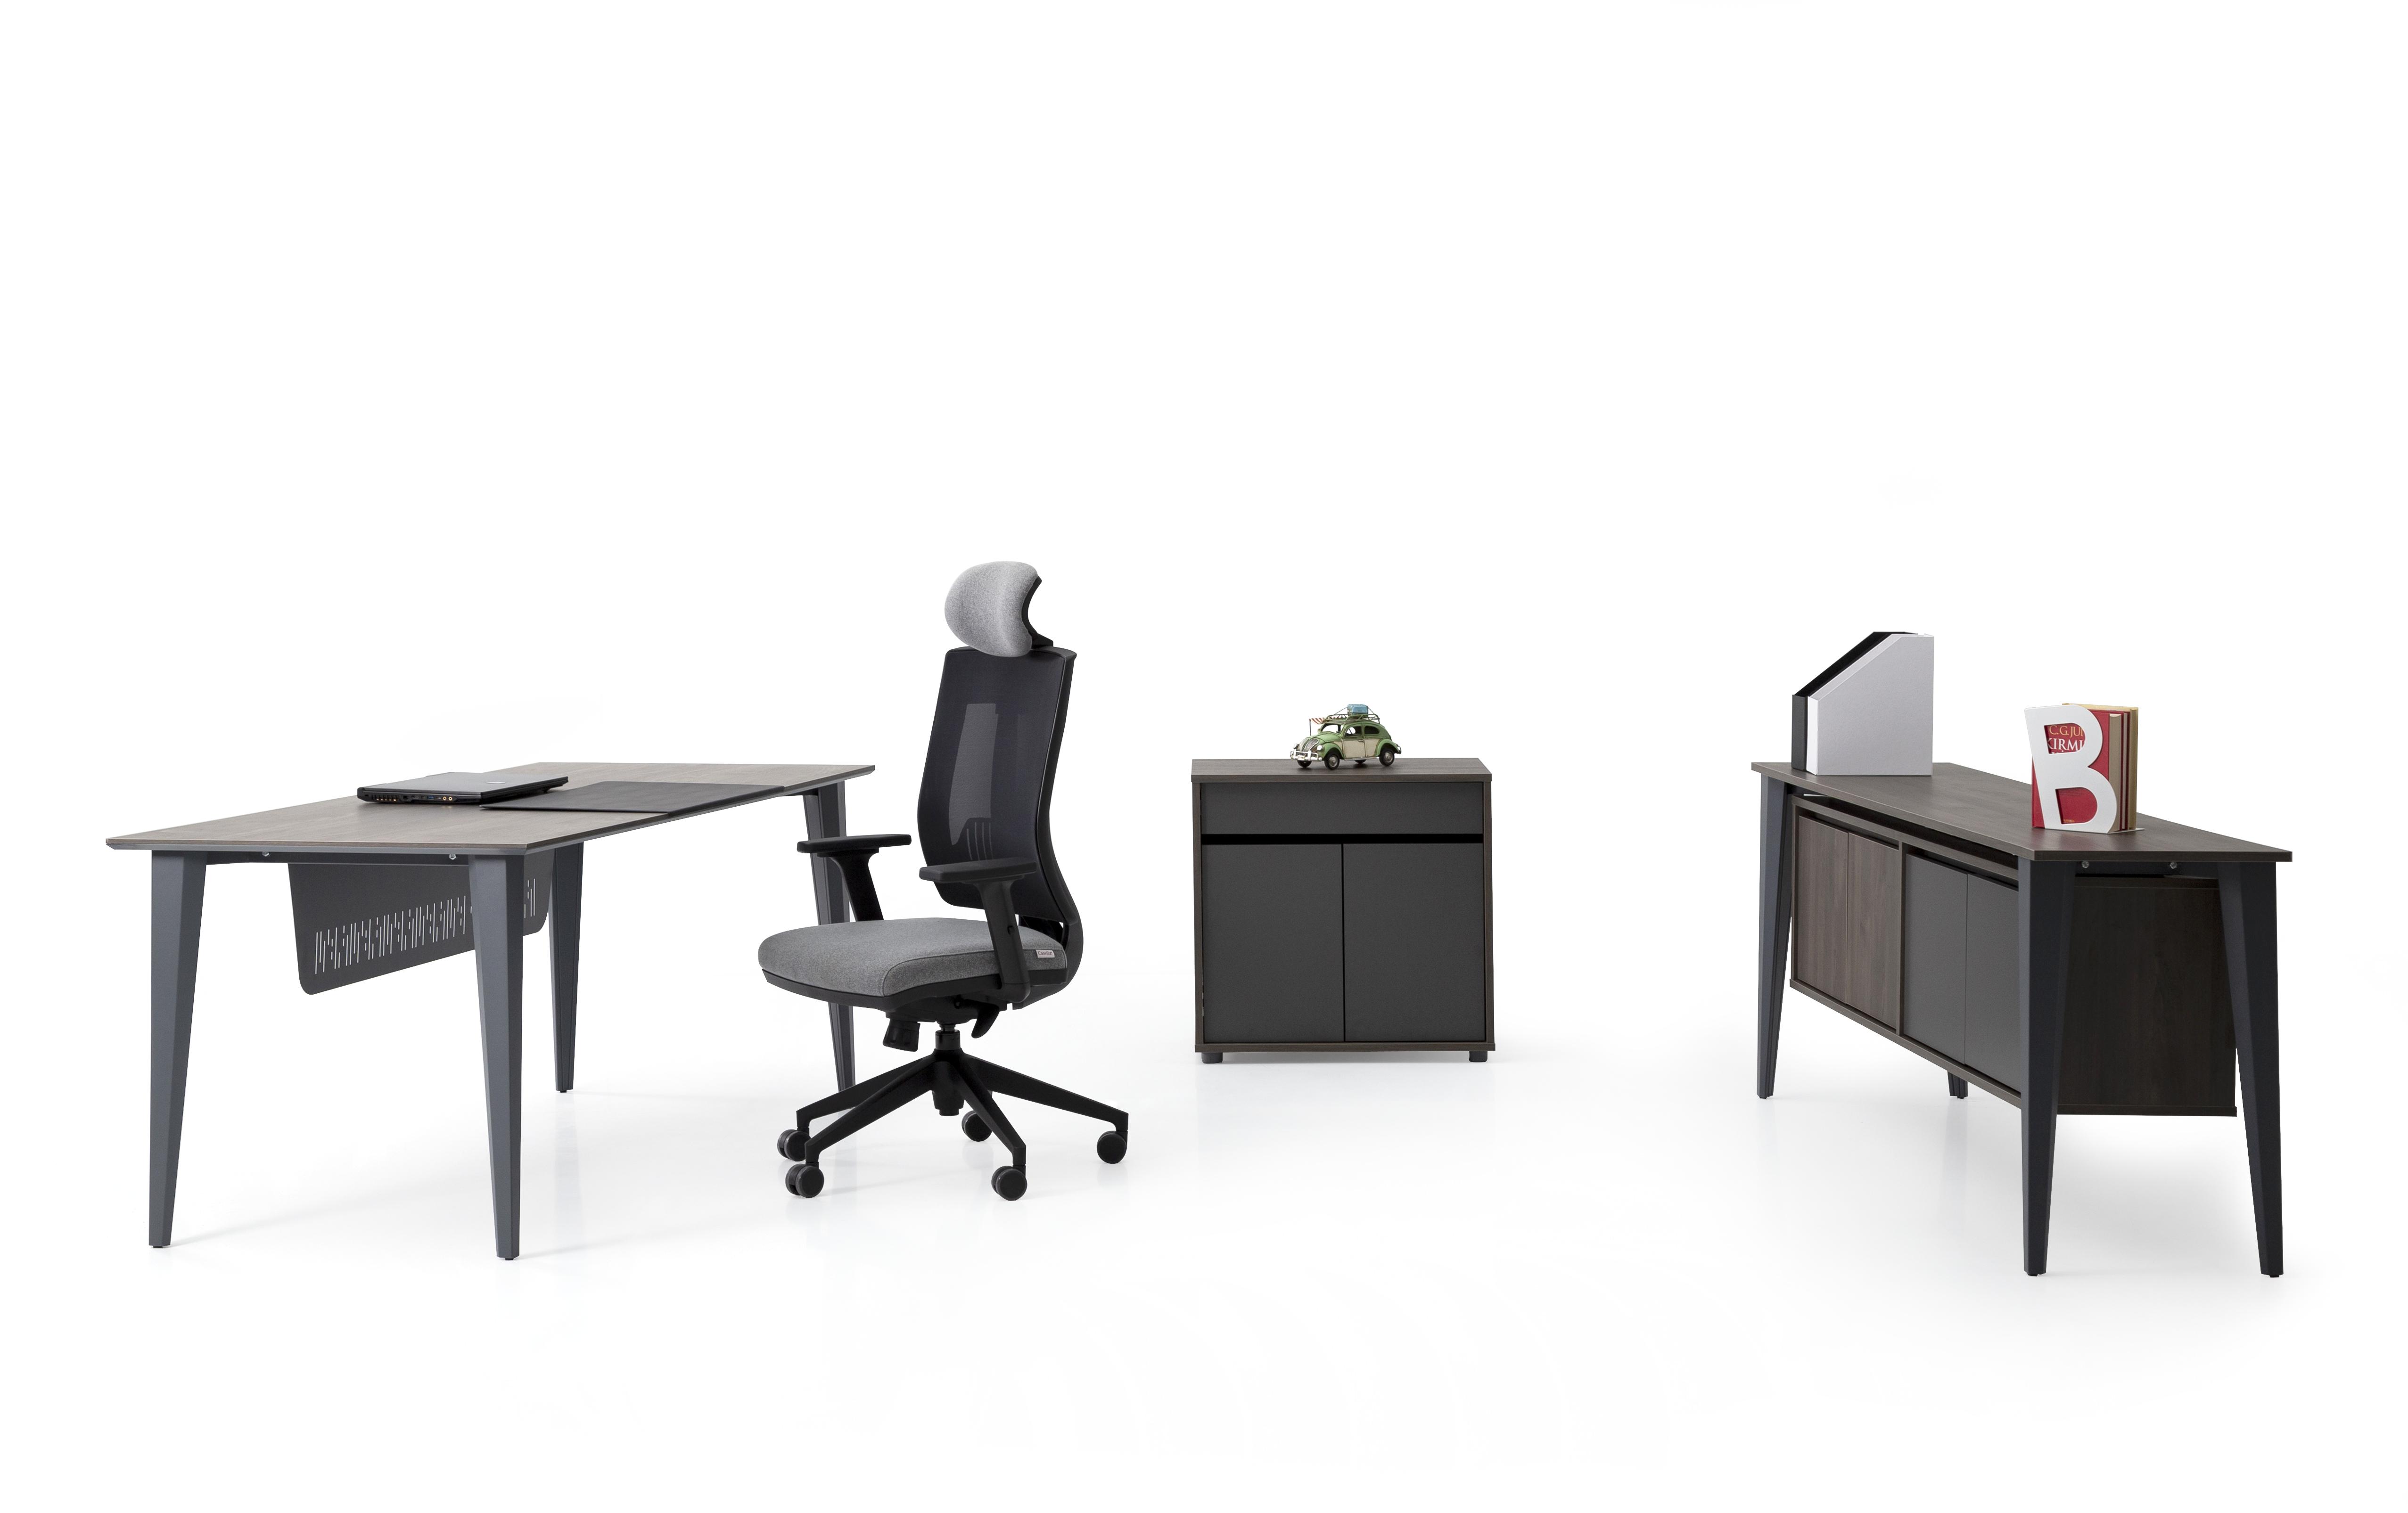 Ovali Schreibtisch Set 3-teilig Iconlux Grau 180x80 cm